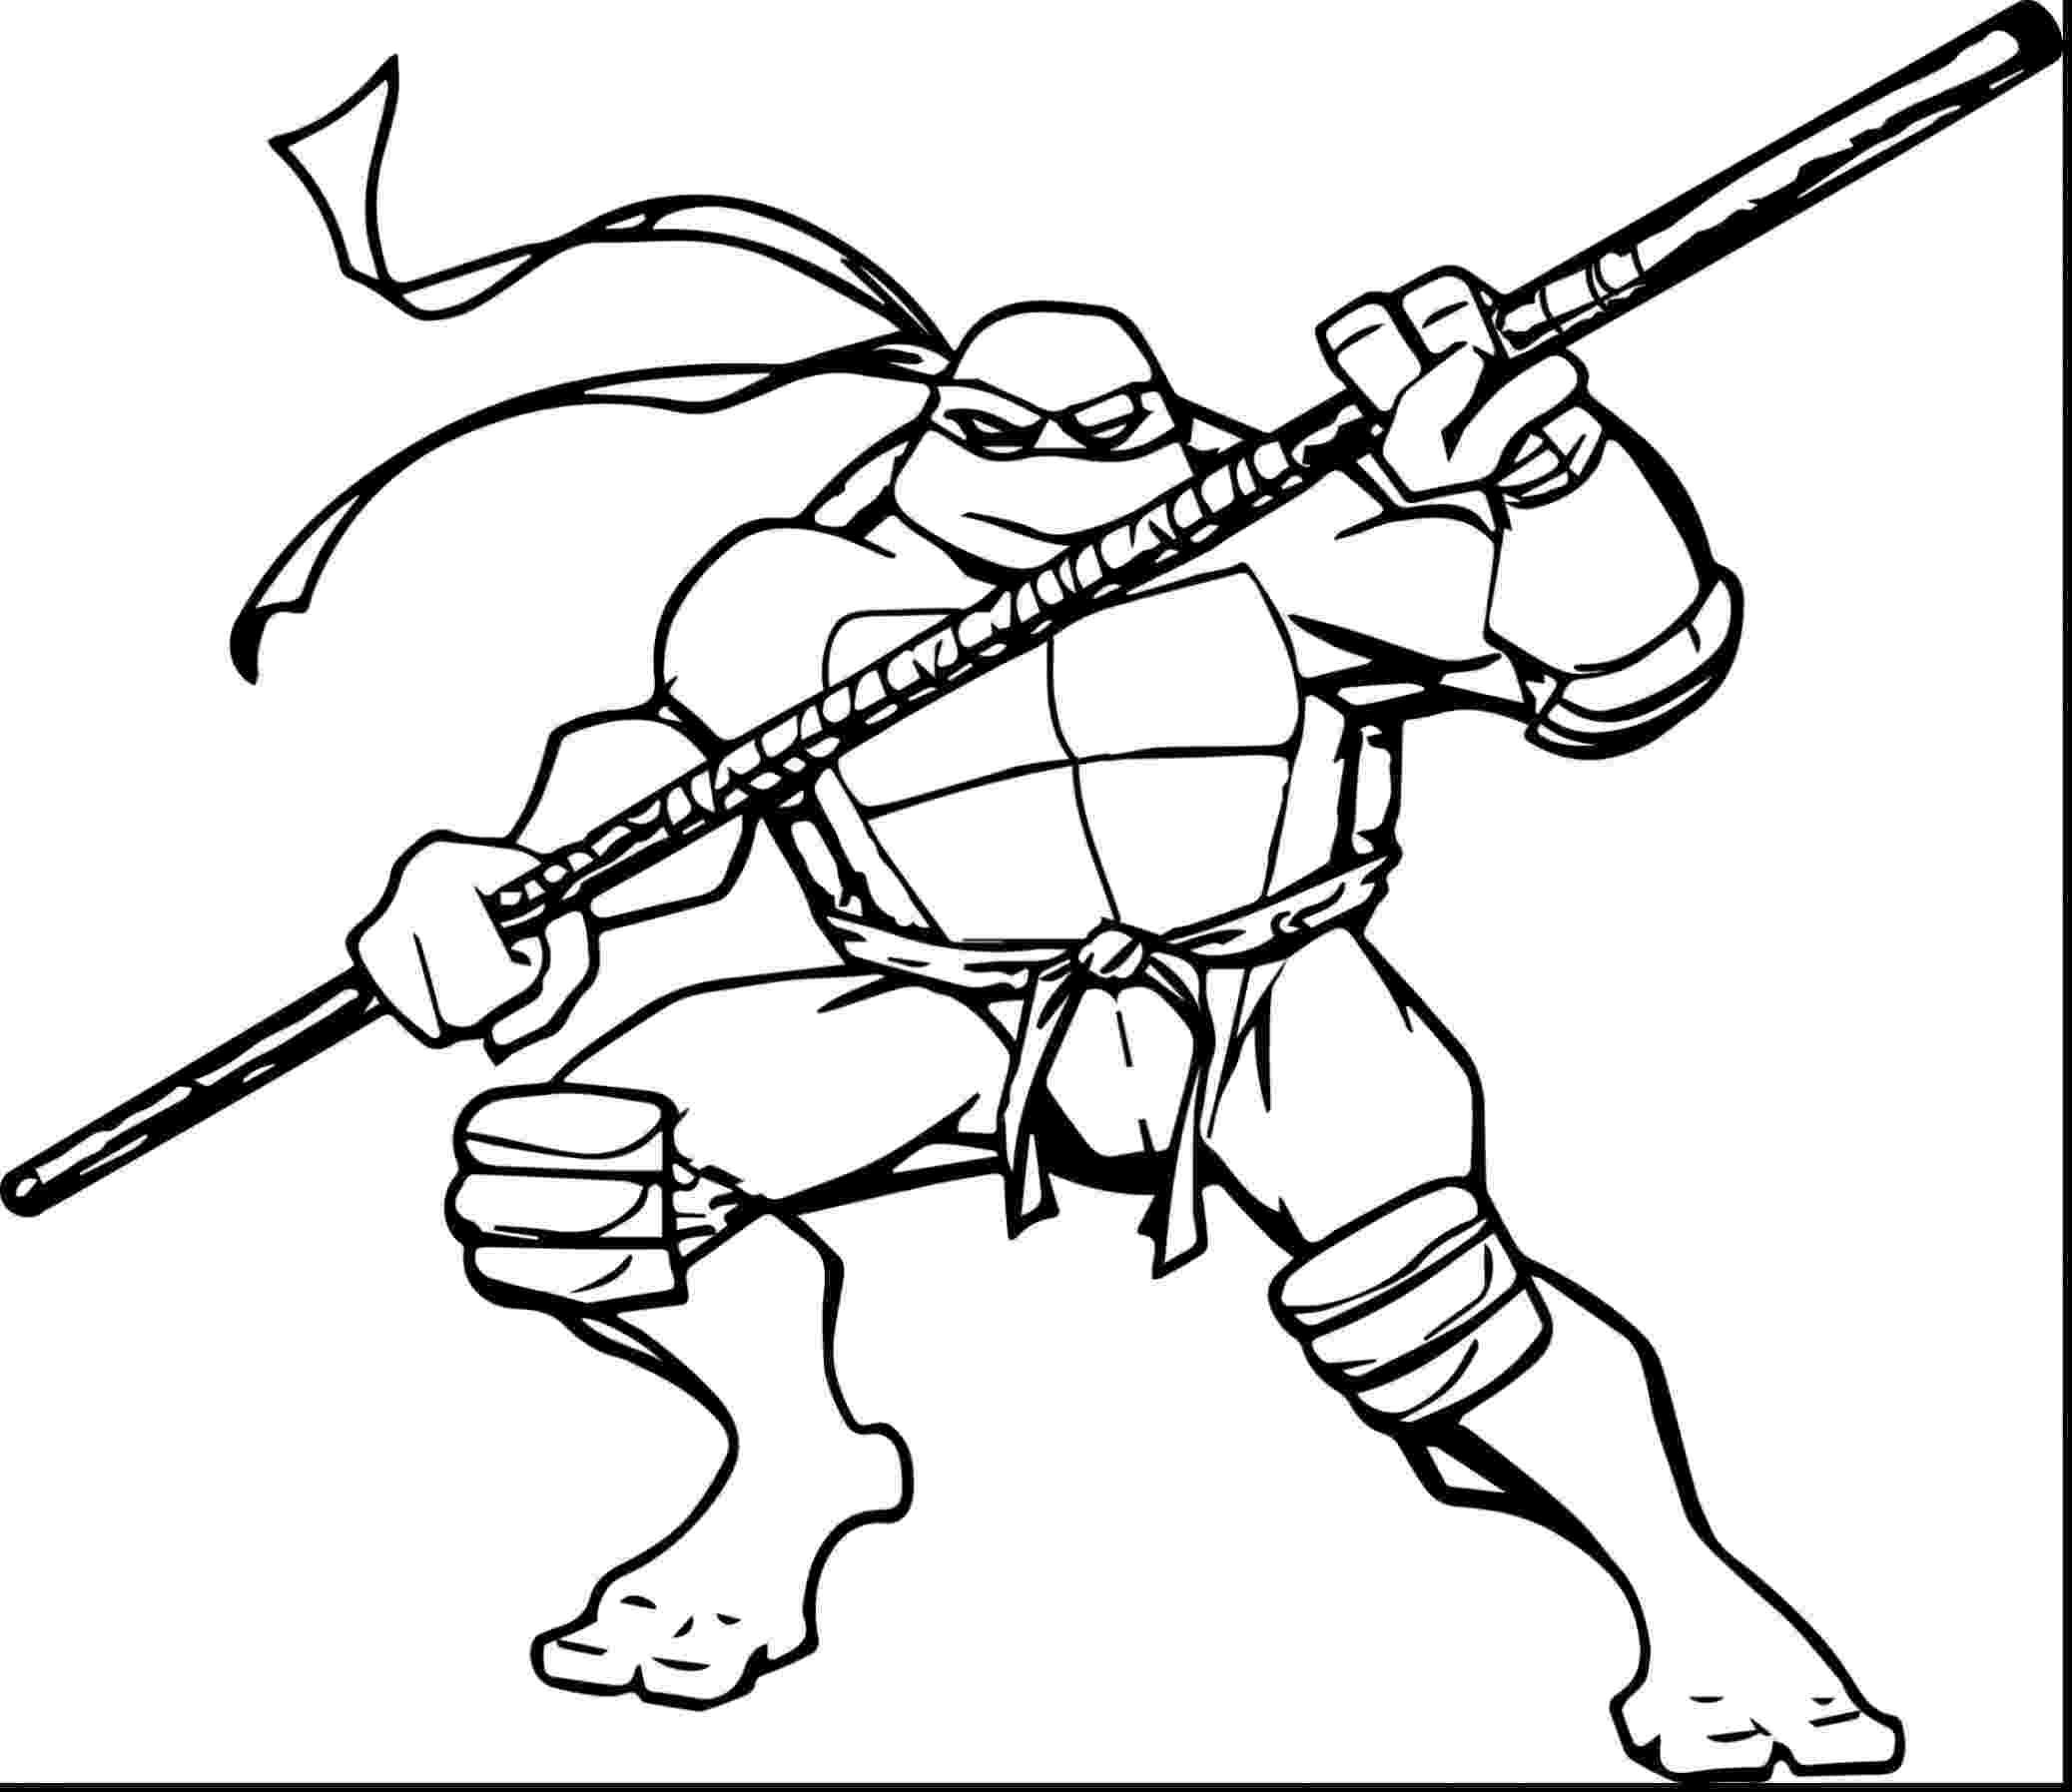 teenage mutant ninja turtles coloring games nickelodeon teenage mutant ninja turtles coloring pages mutant coloring turtles teenage ninja games